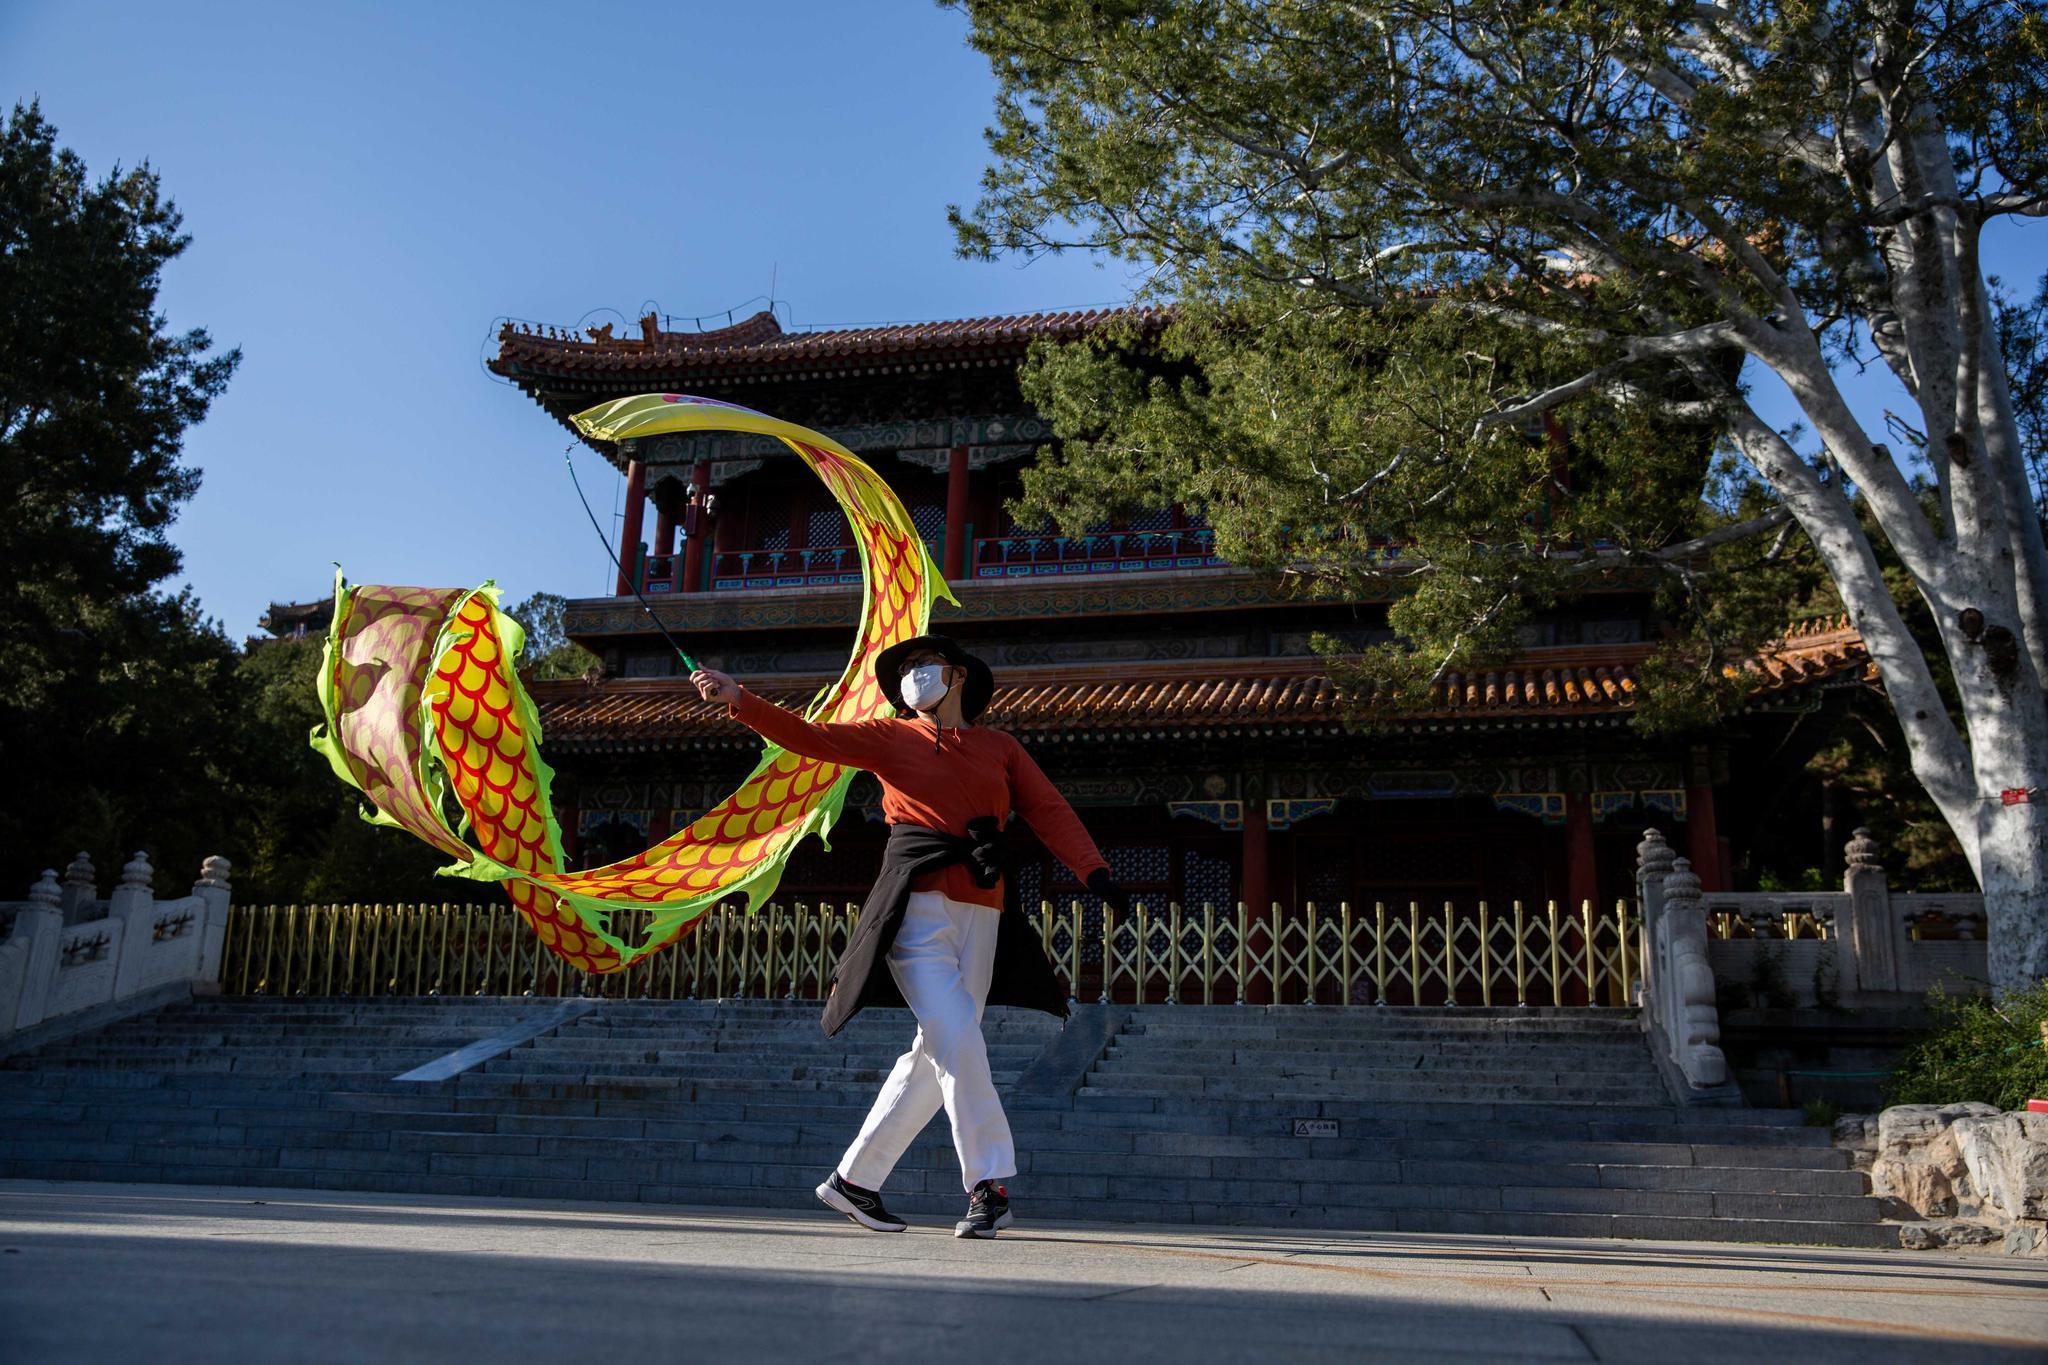 摩天注册,北风劲吹北京蓝天颜值爆表|组图摩天注册图片